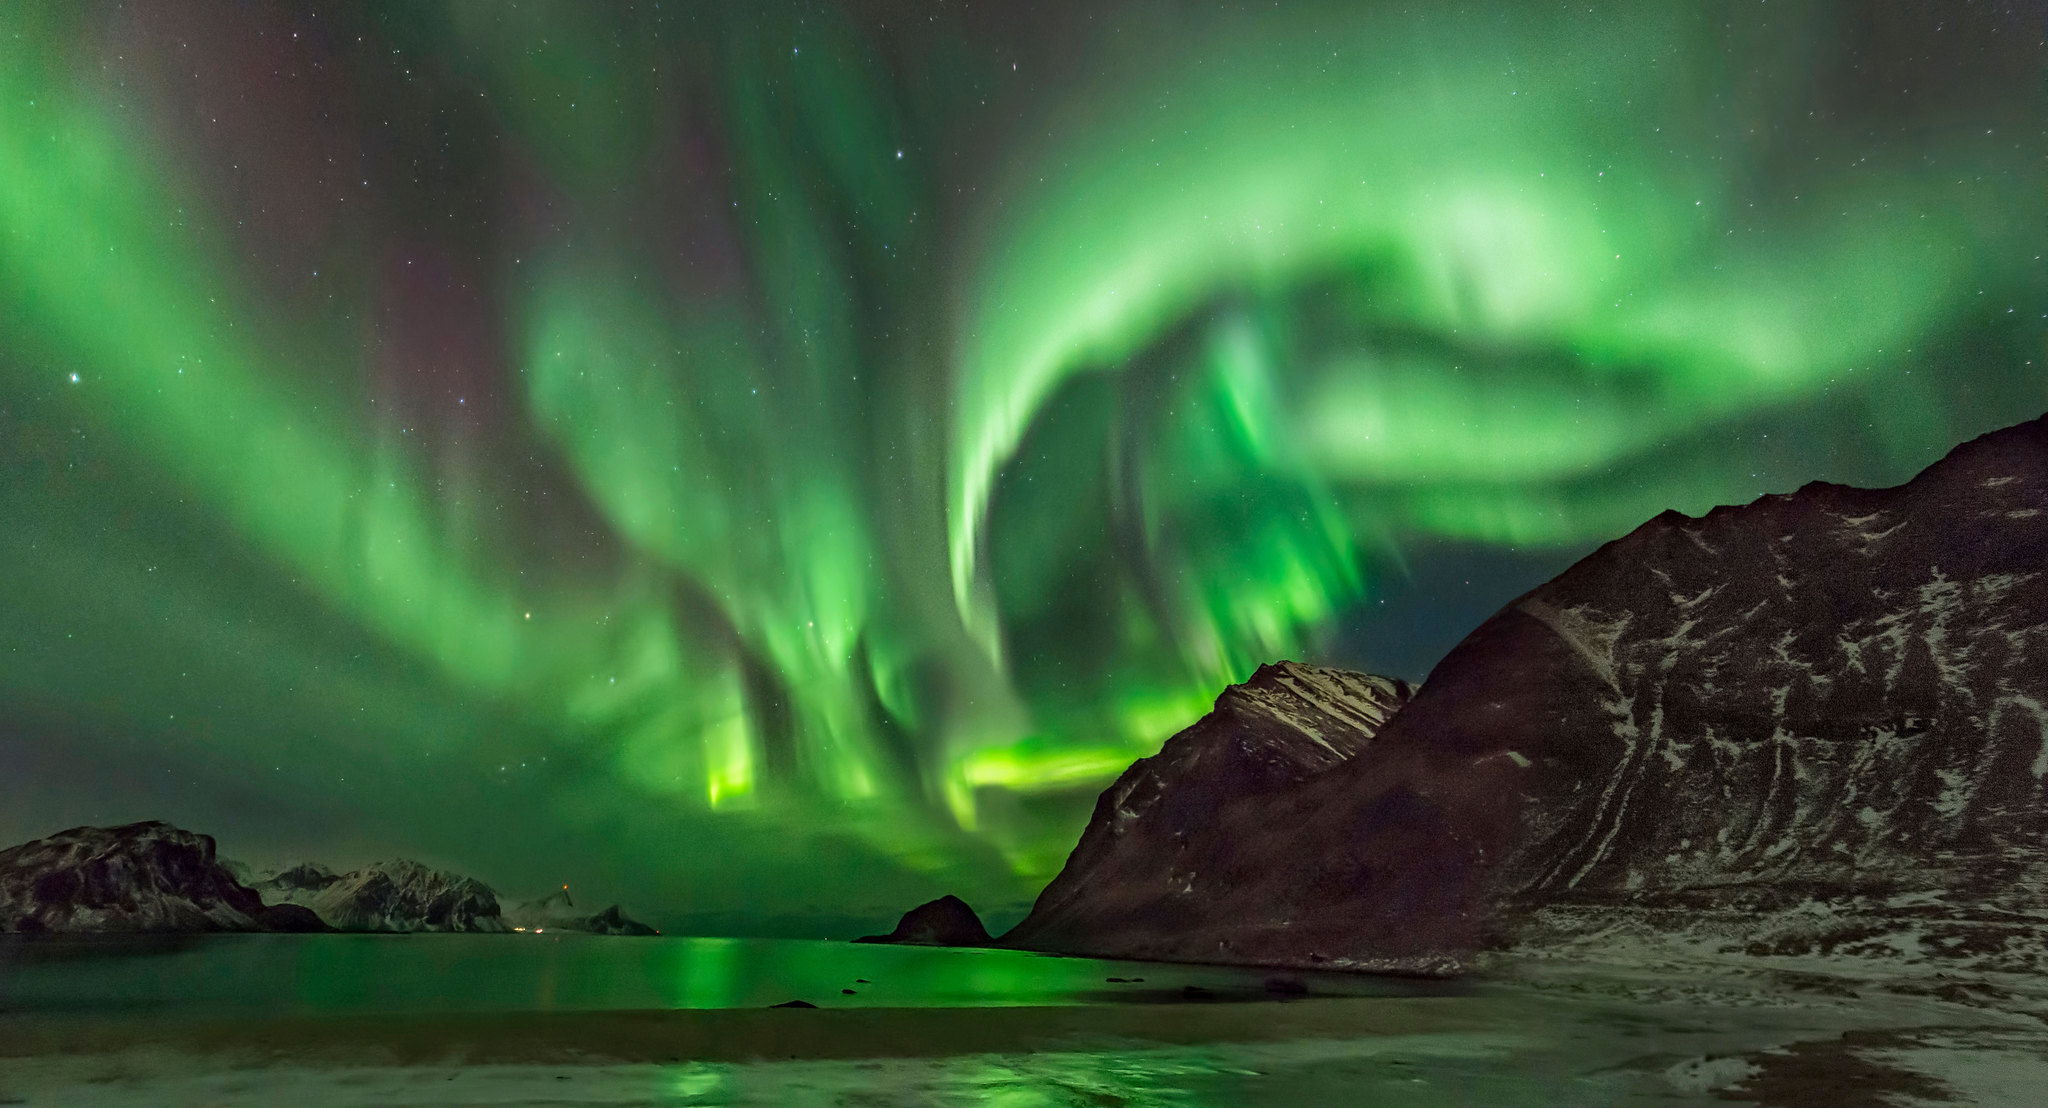 isole lofoten aurora boreale quando